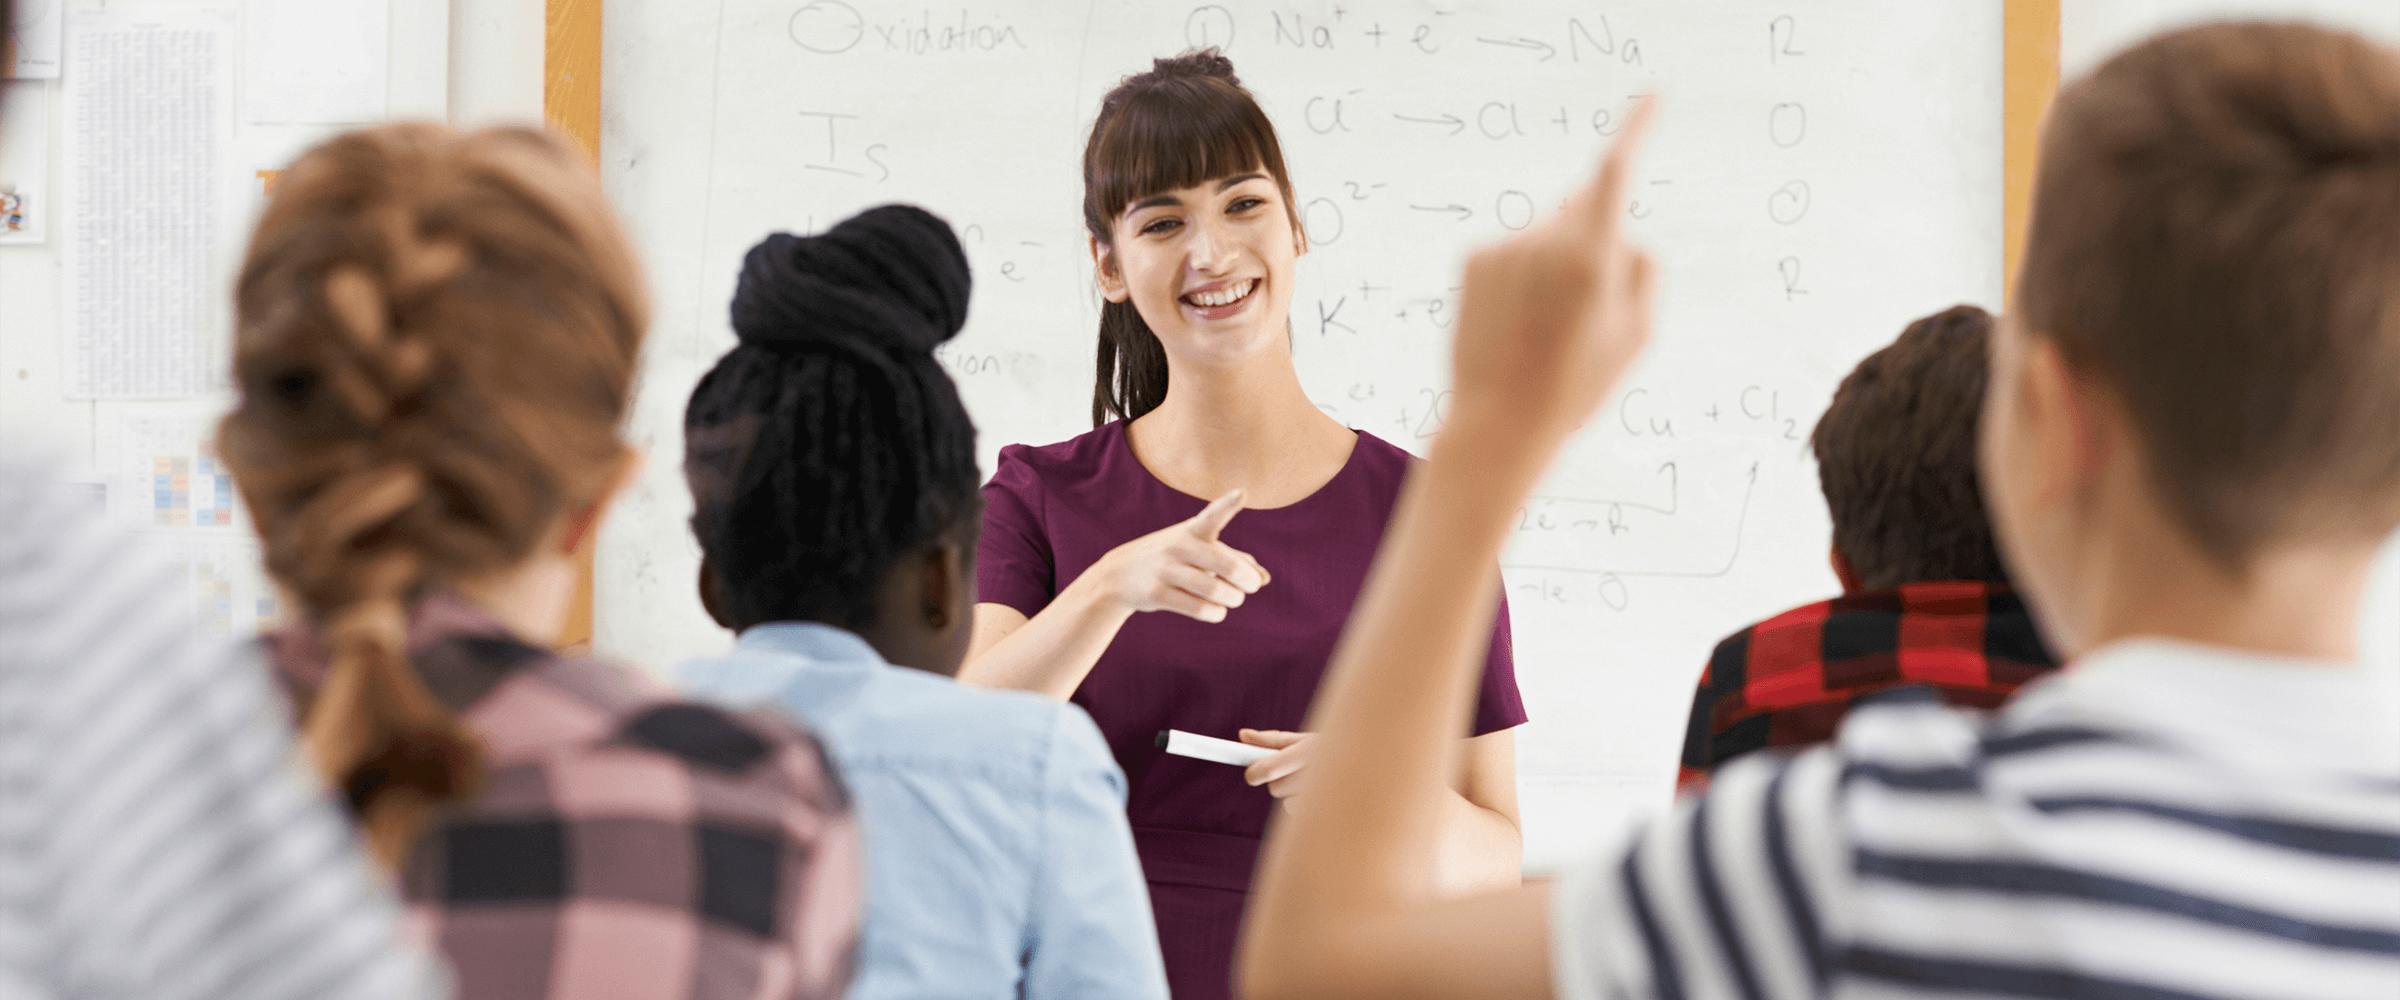 Lehrerin in einer Schulklasse